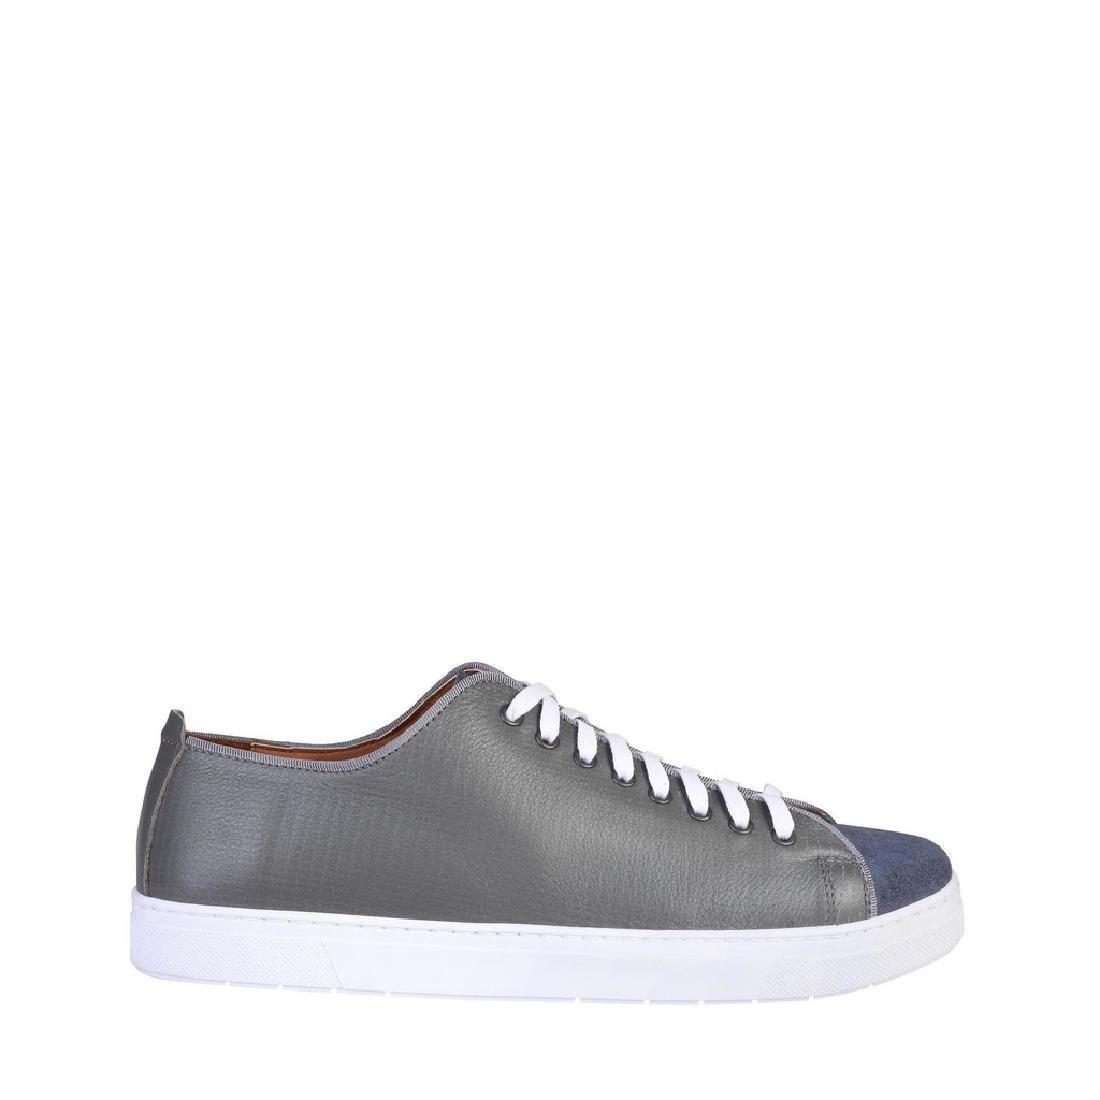 Men's Pierre Cardin Sneakers Shoes US 9 - 3